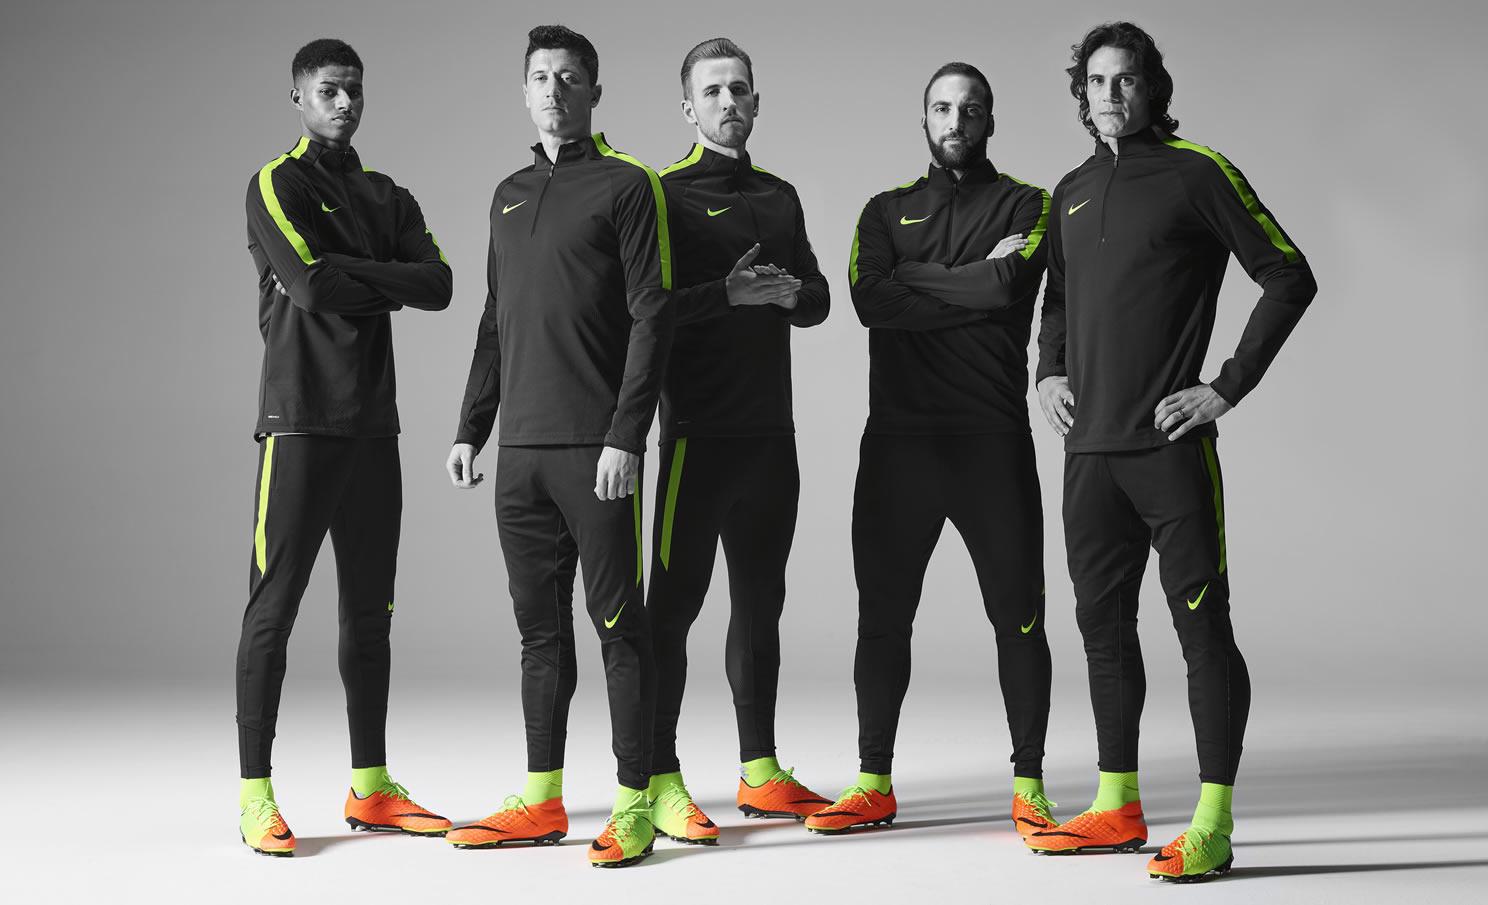 Rashford, Lewandowski, Kane, Higuaín y Cavani con los Hypervenom 3 | Foto Nike